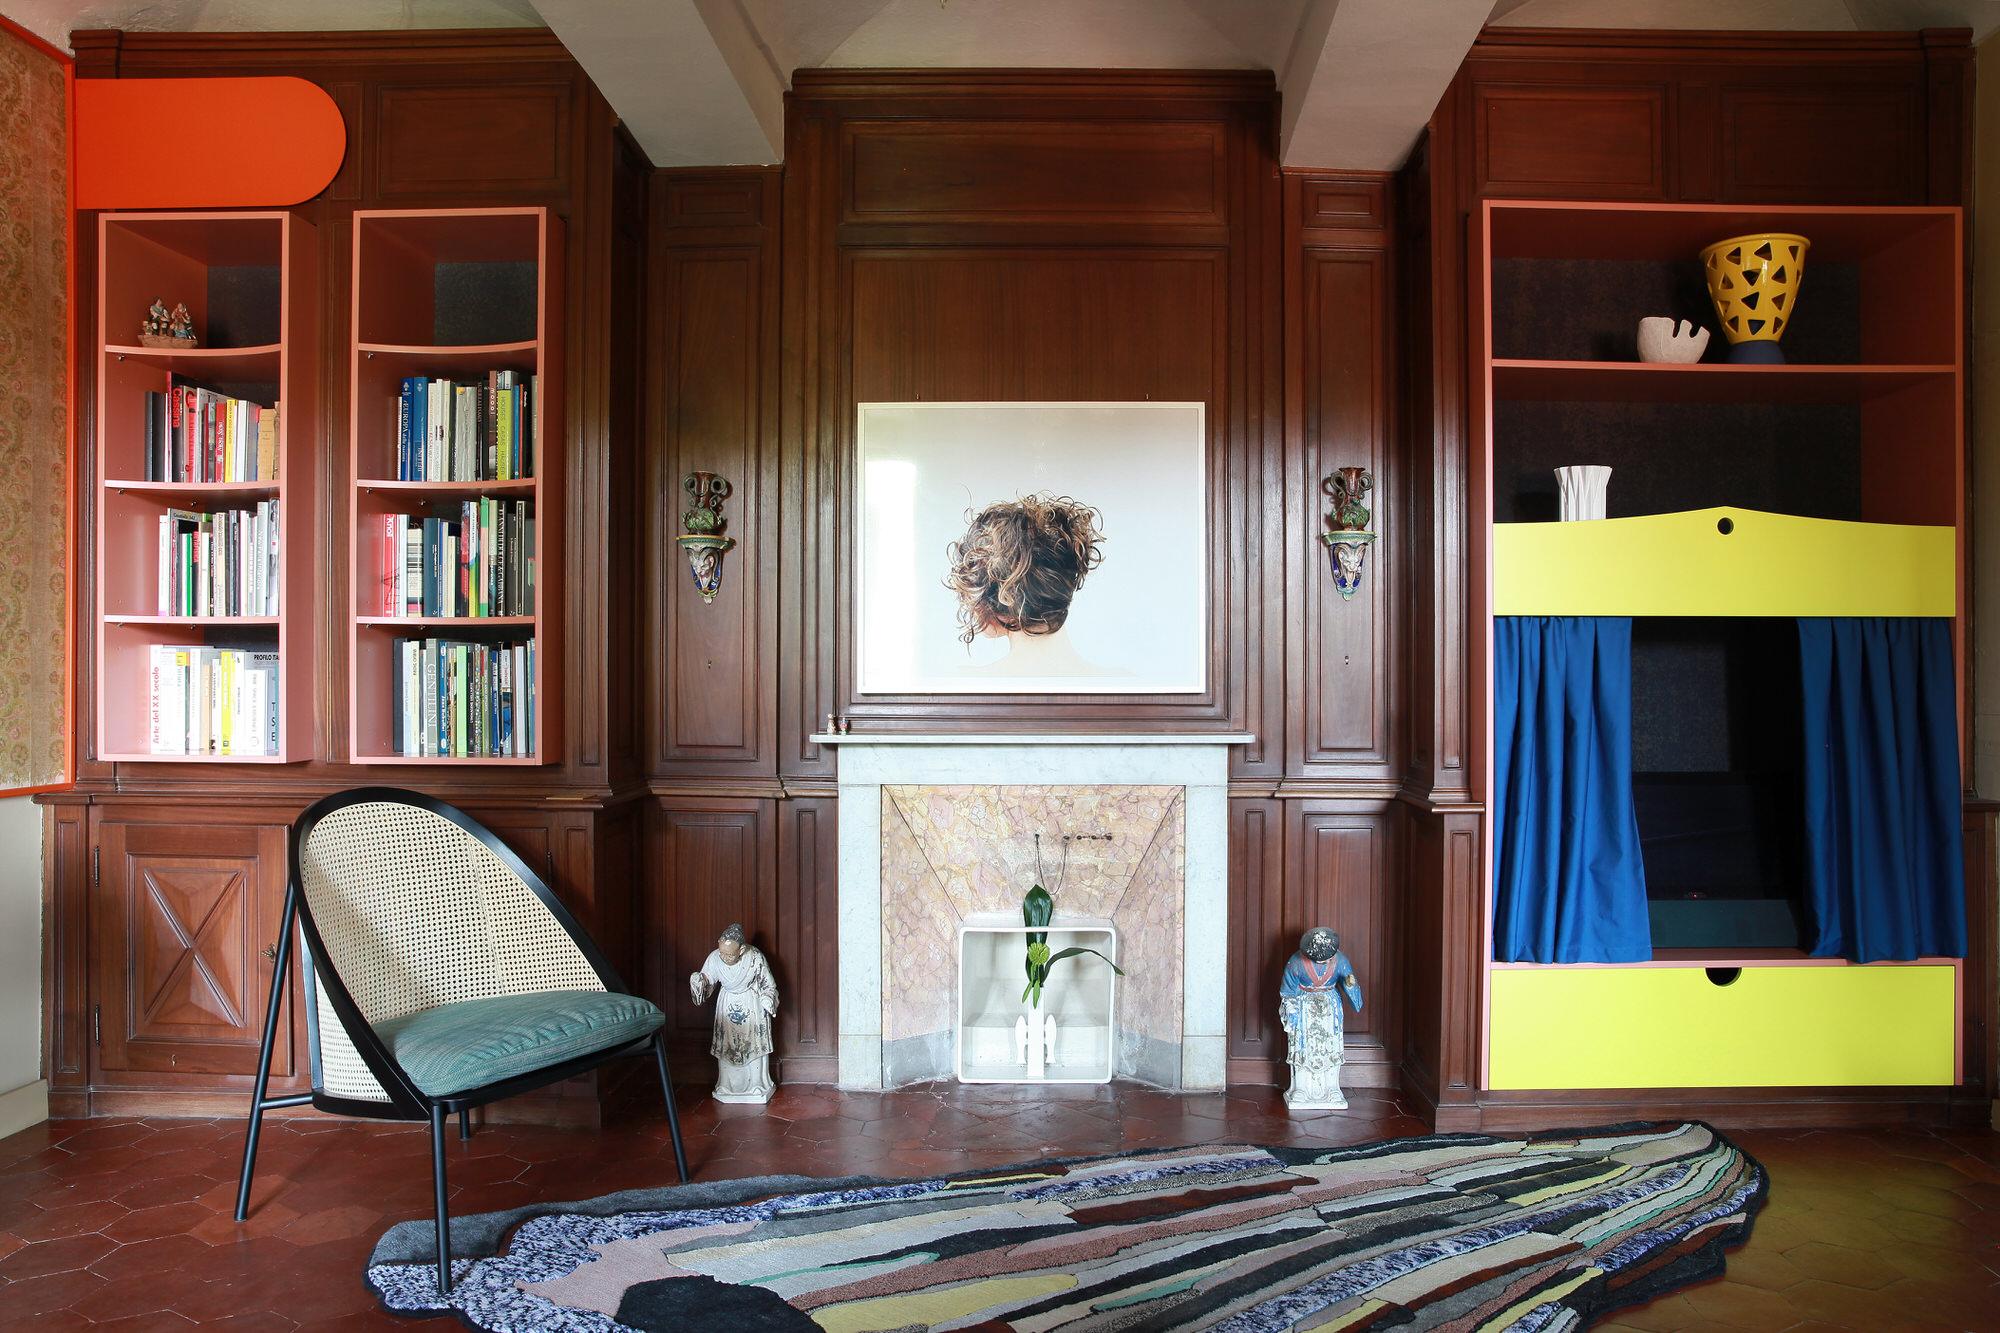 Marcante Testa Private House Renovation Cavallermaggiore Photo Carola Ripamonti Yellowtrace 12